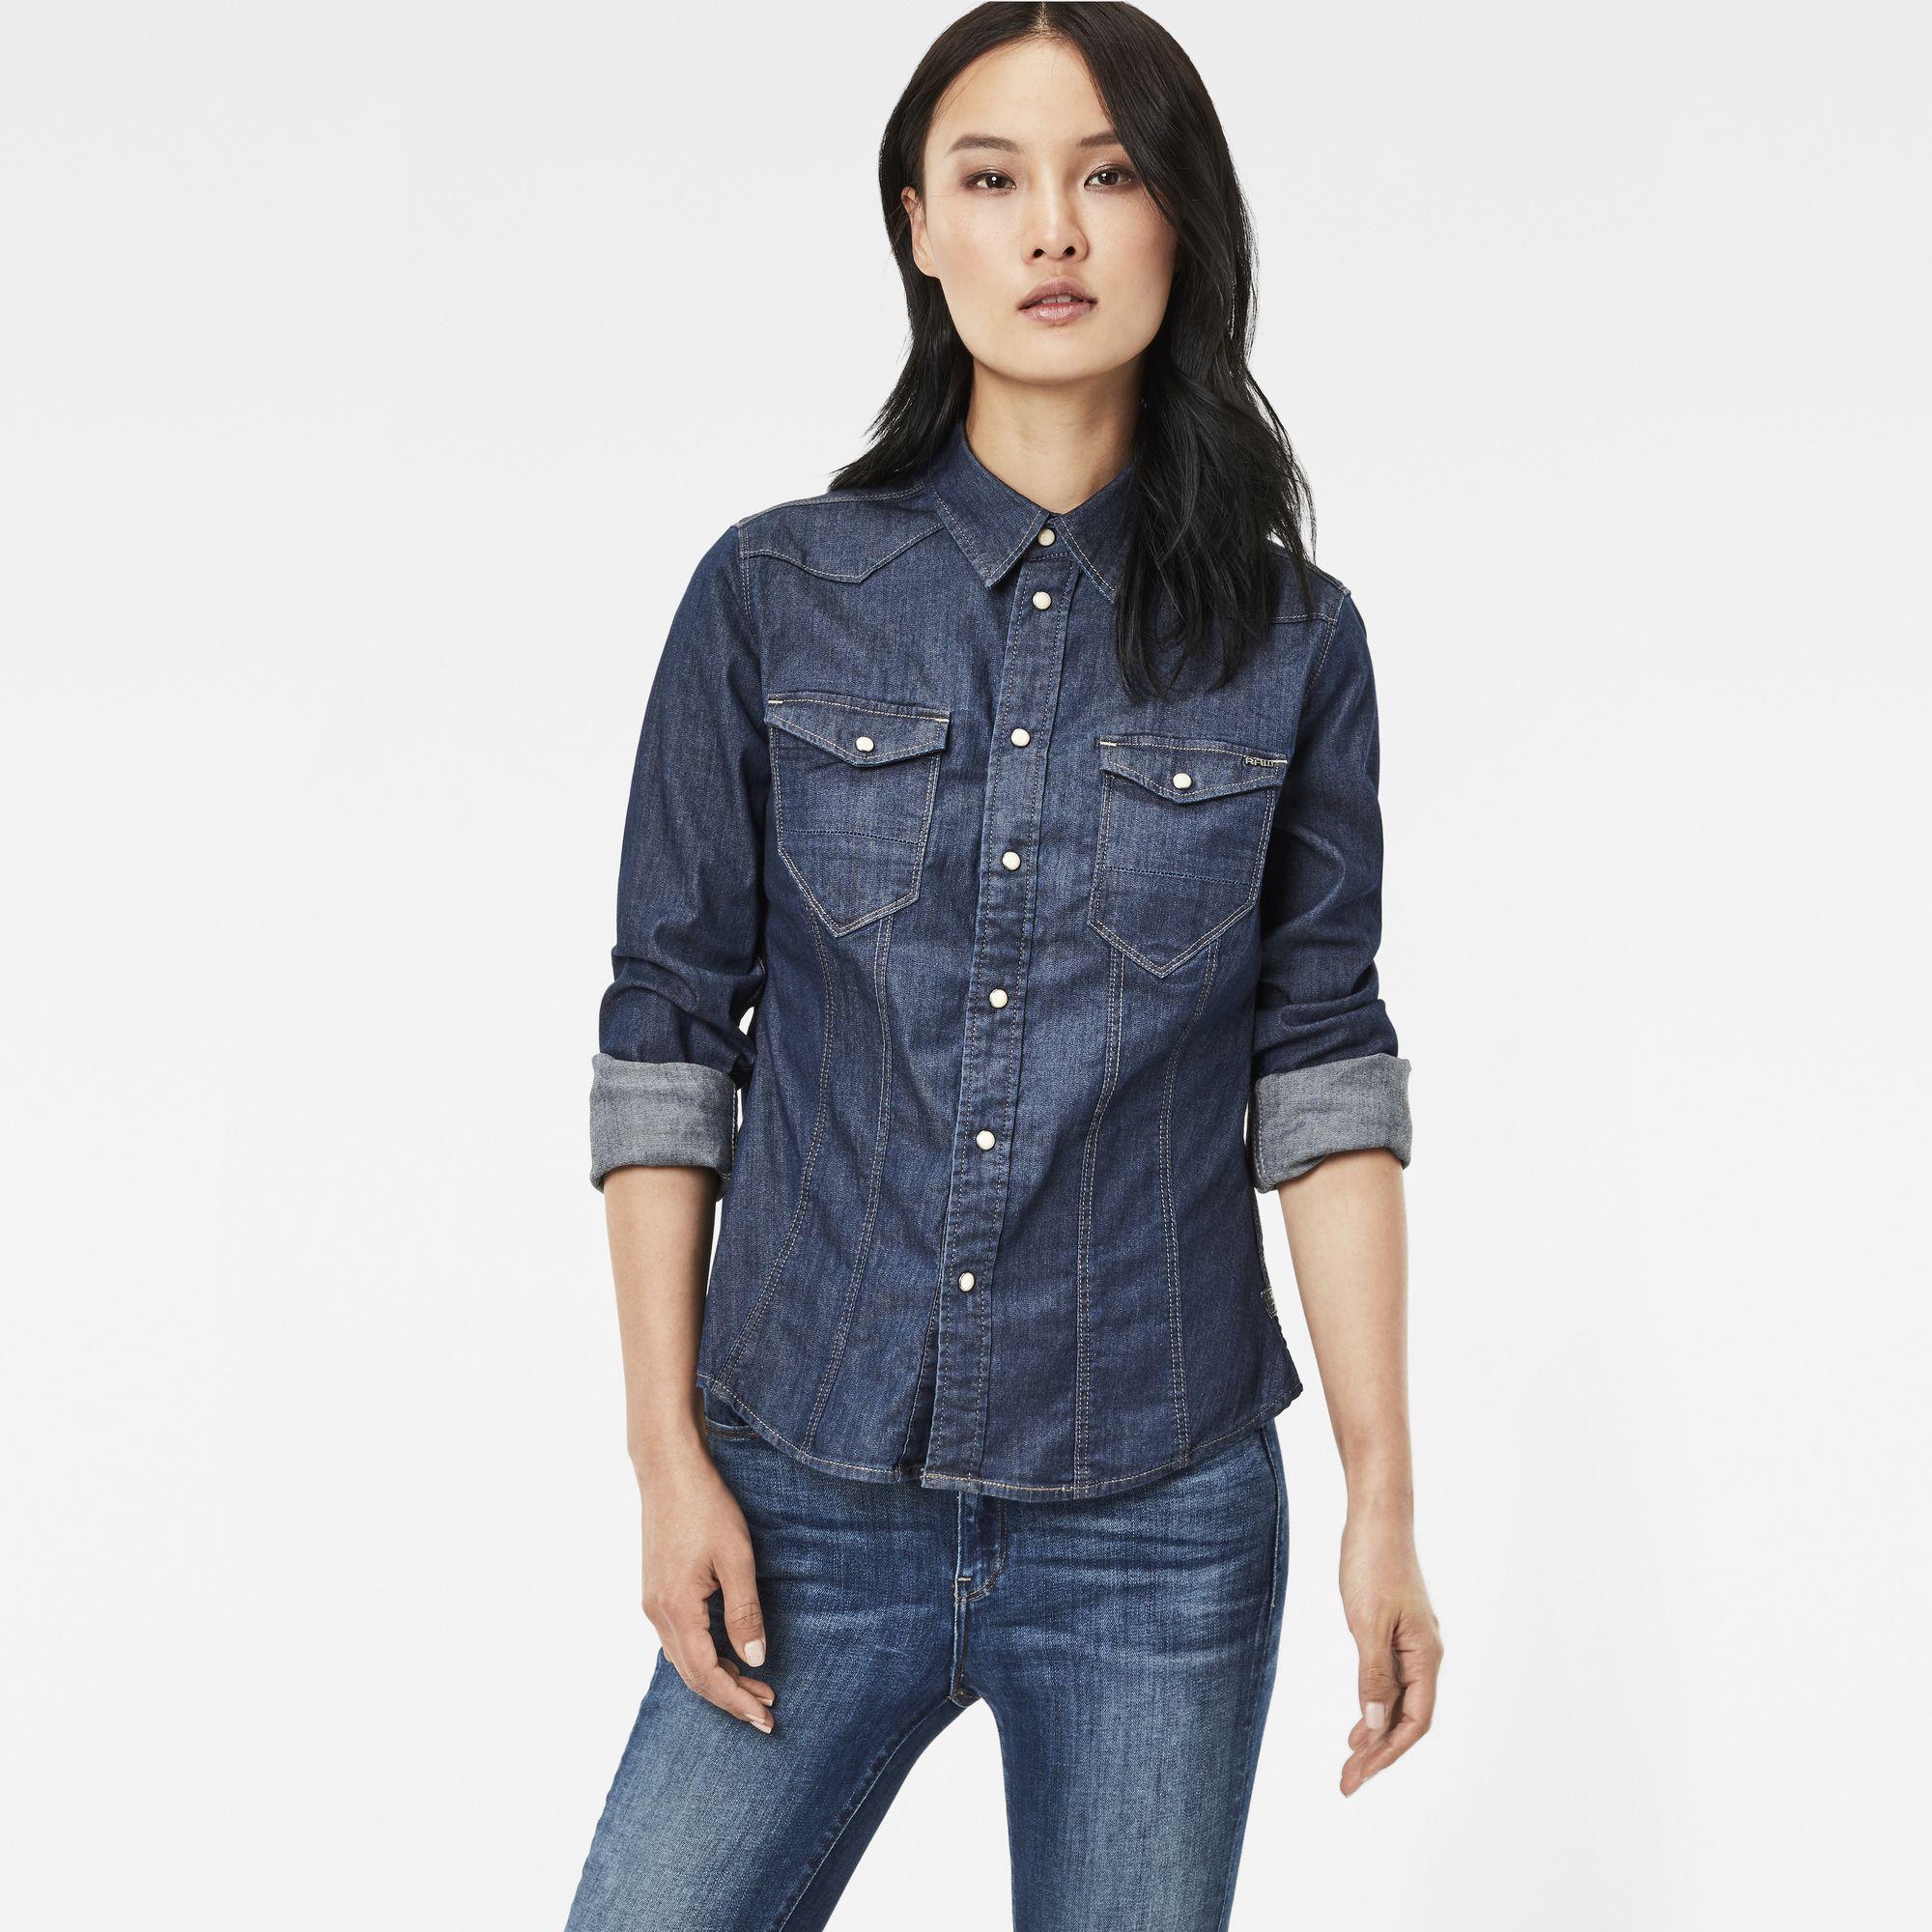 da4ee930c1 G Star Ladies Denim Shirt - BCD Tofu House